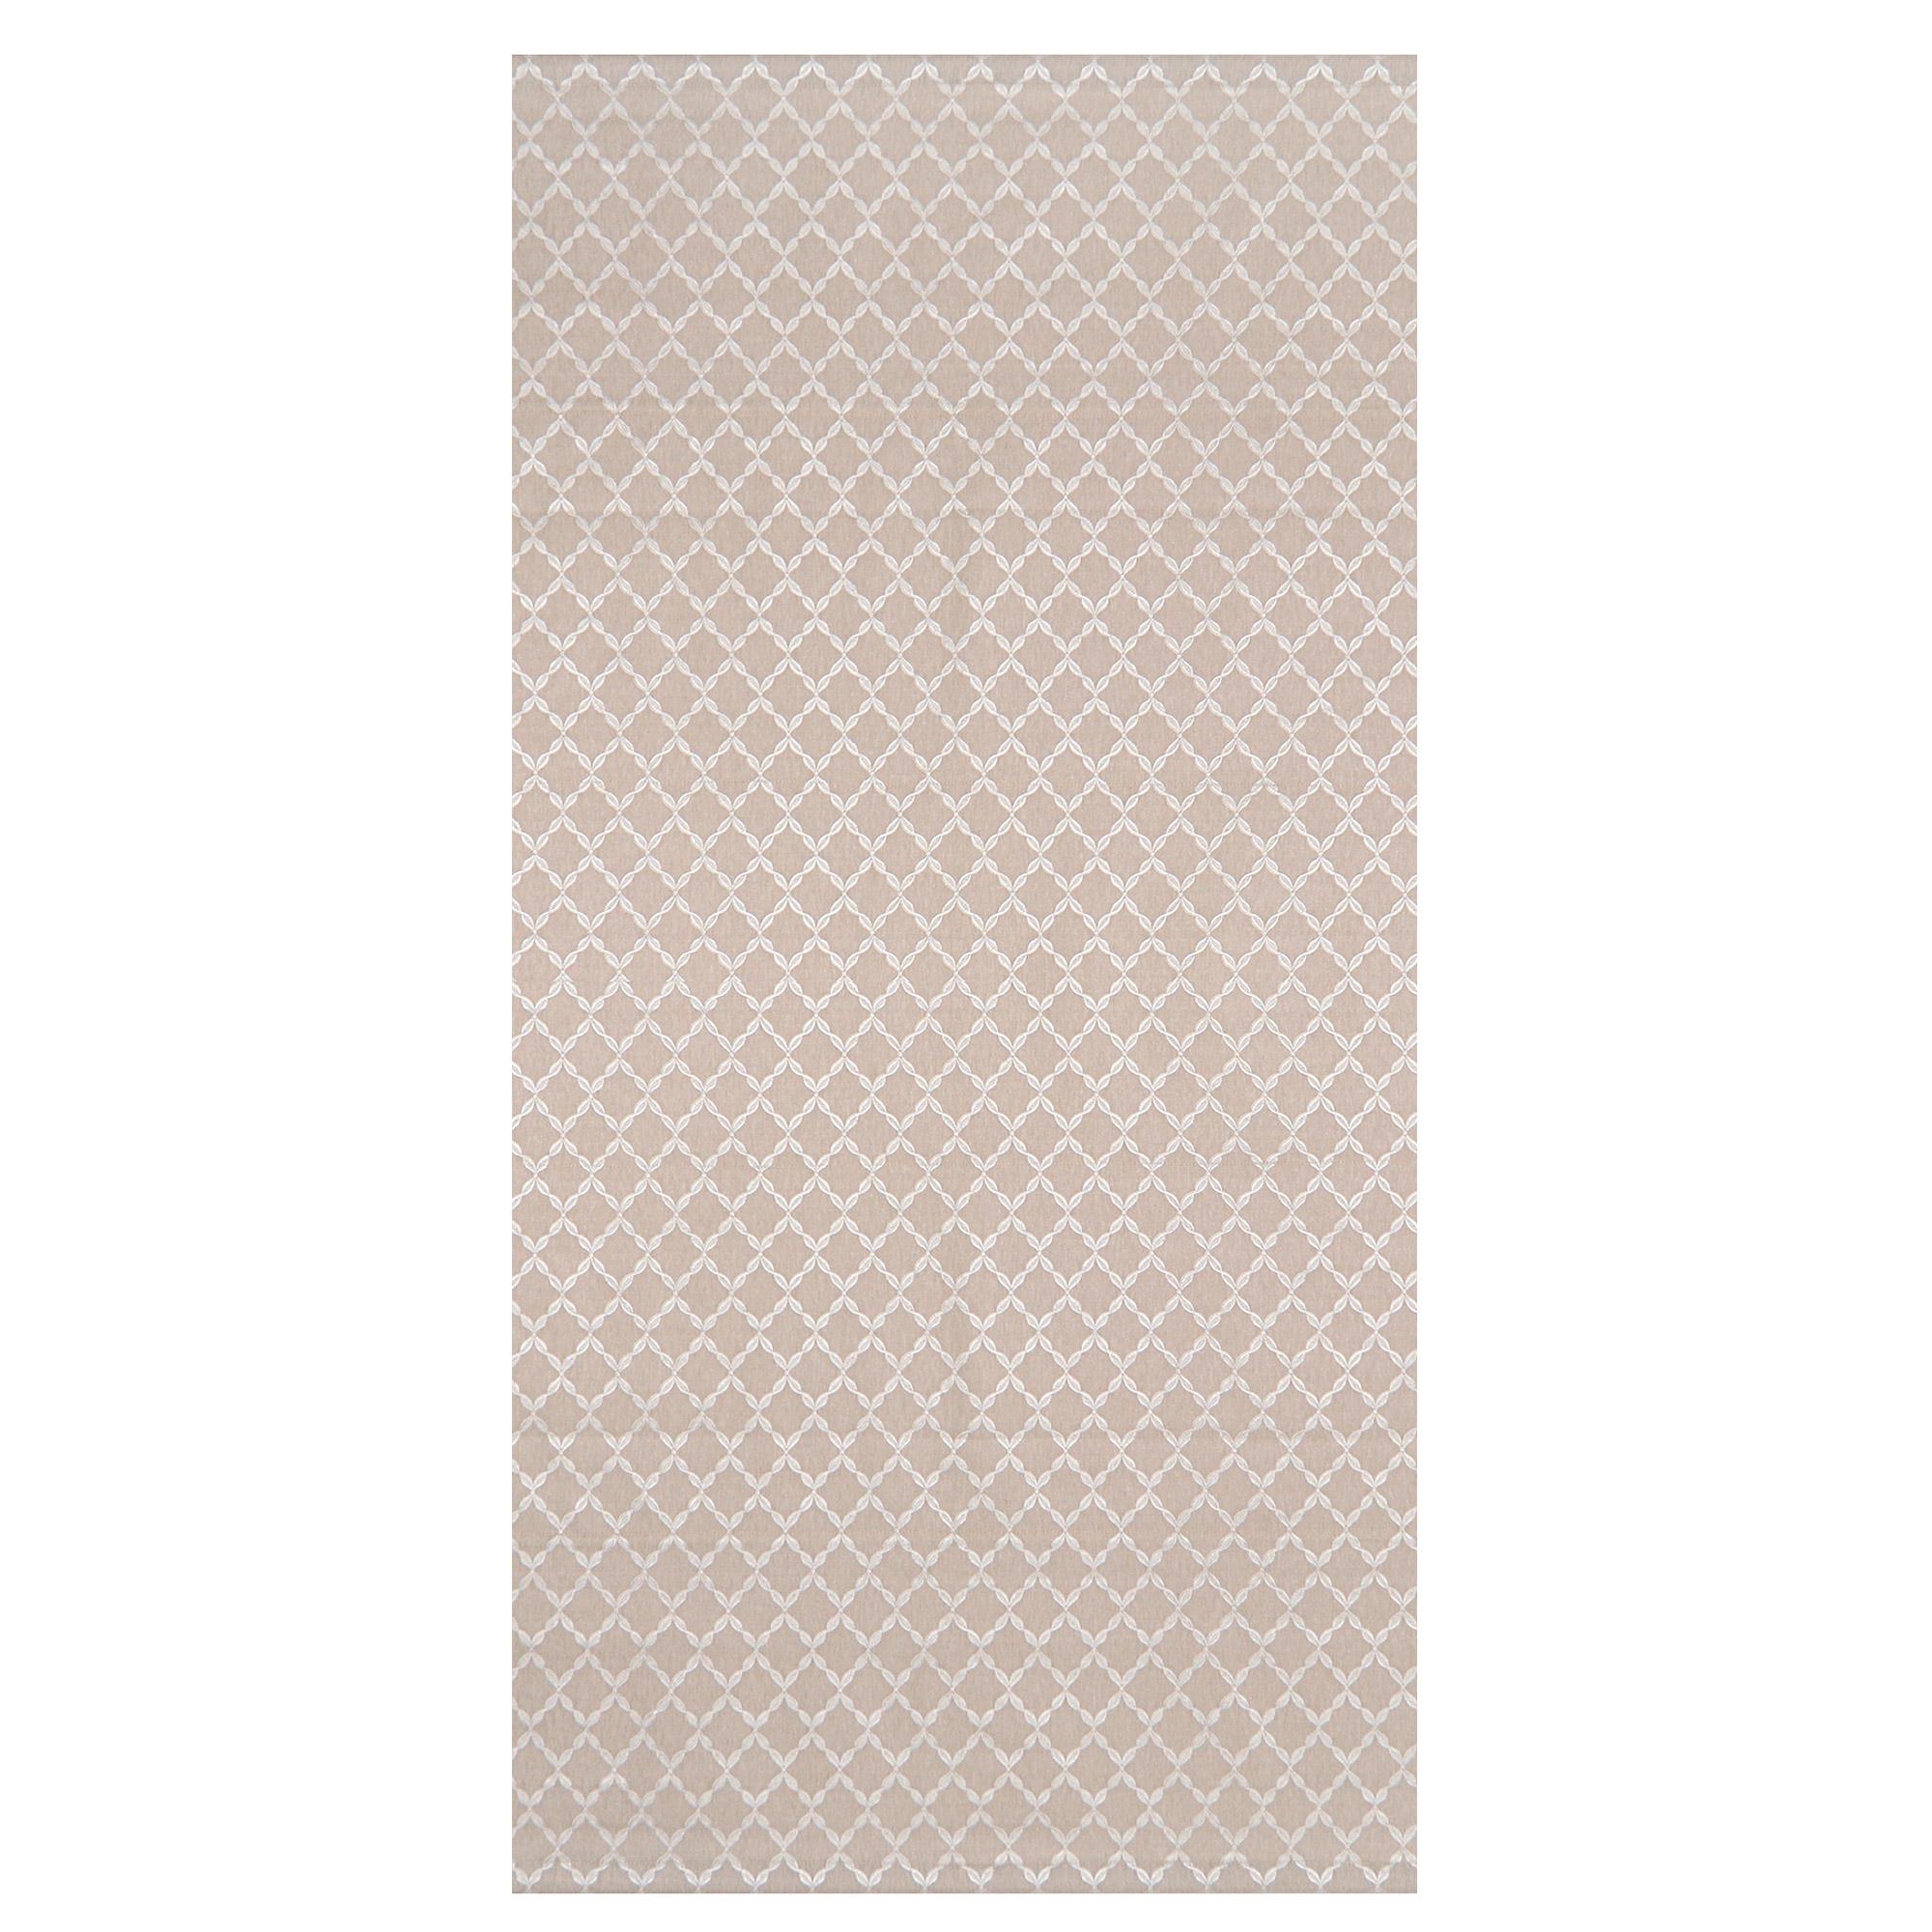 Фото - Римская штора Garden 80x160, кремовый римская штора томдом олинави нефритовый